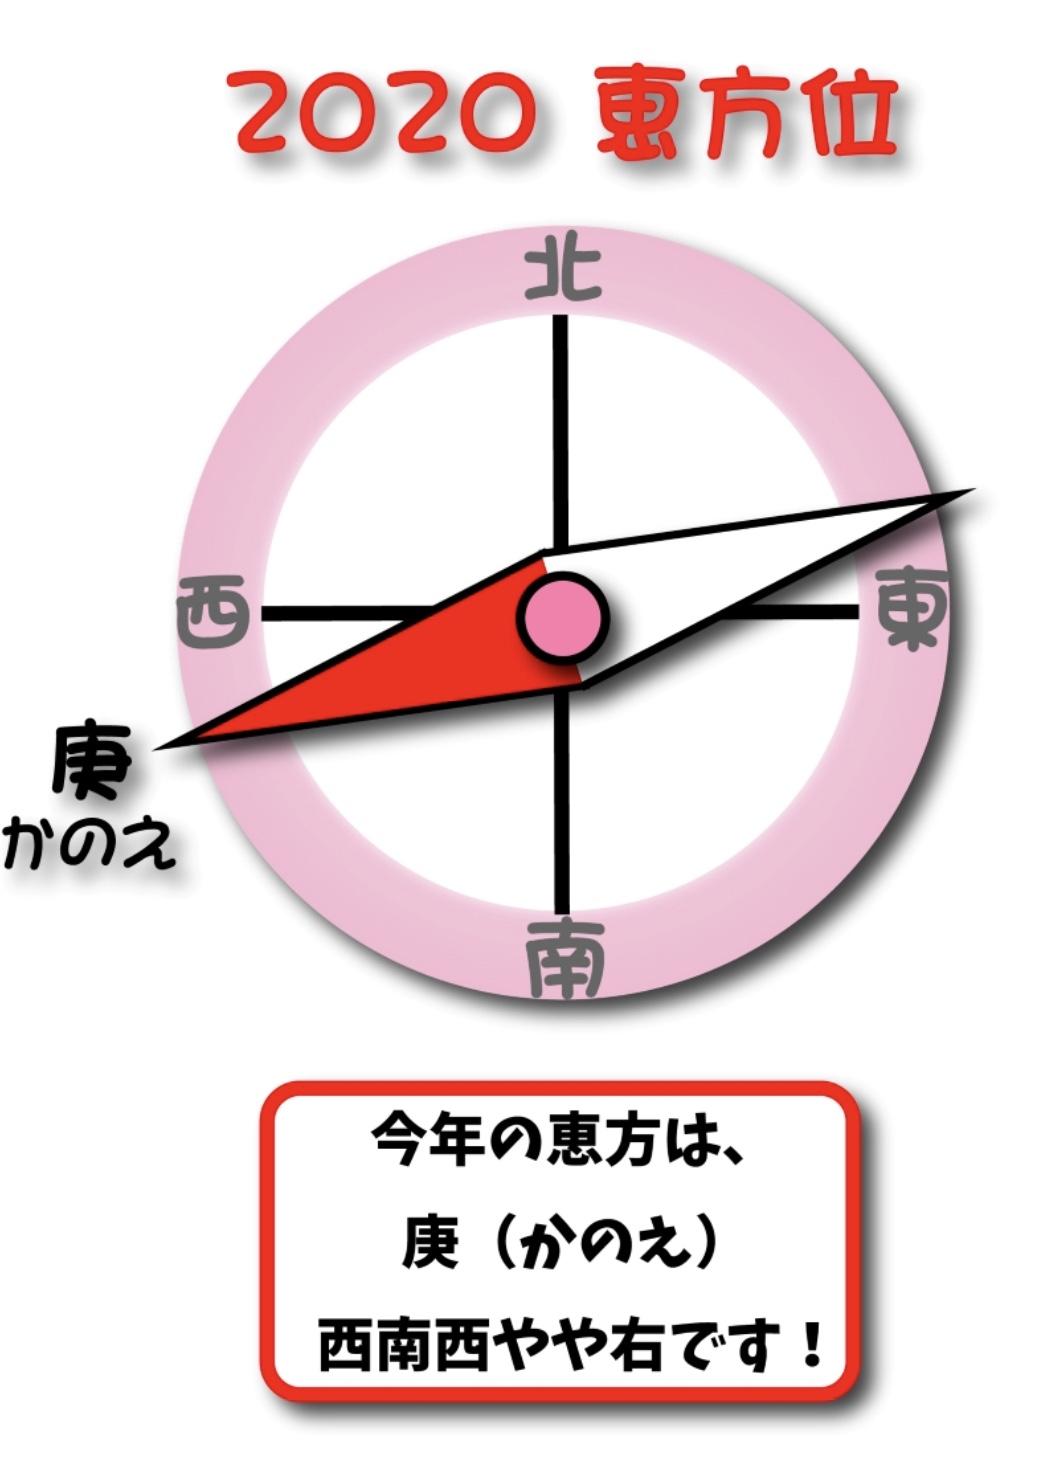 img 0300 - 無料鑑定終了のお知らせ